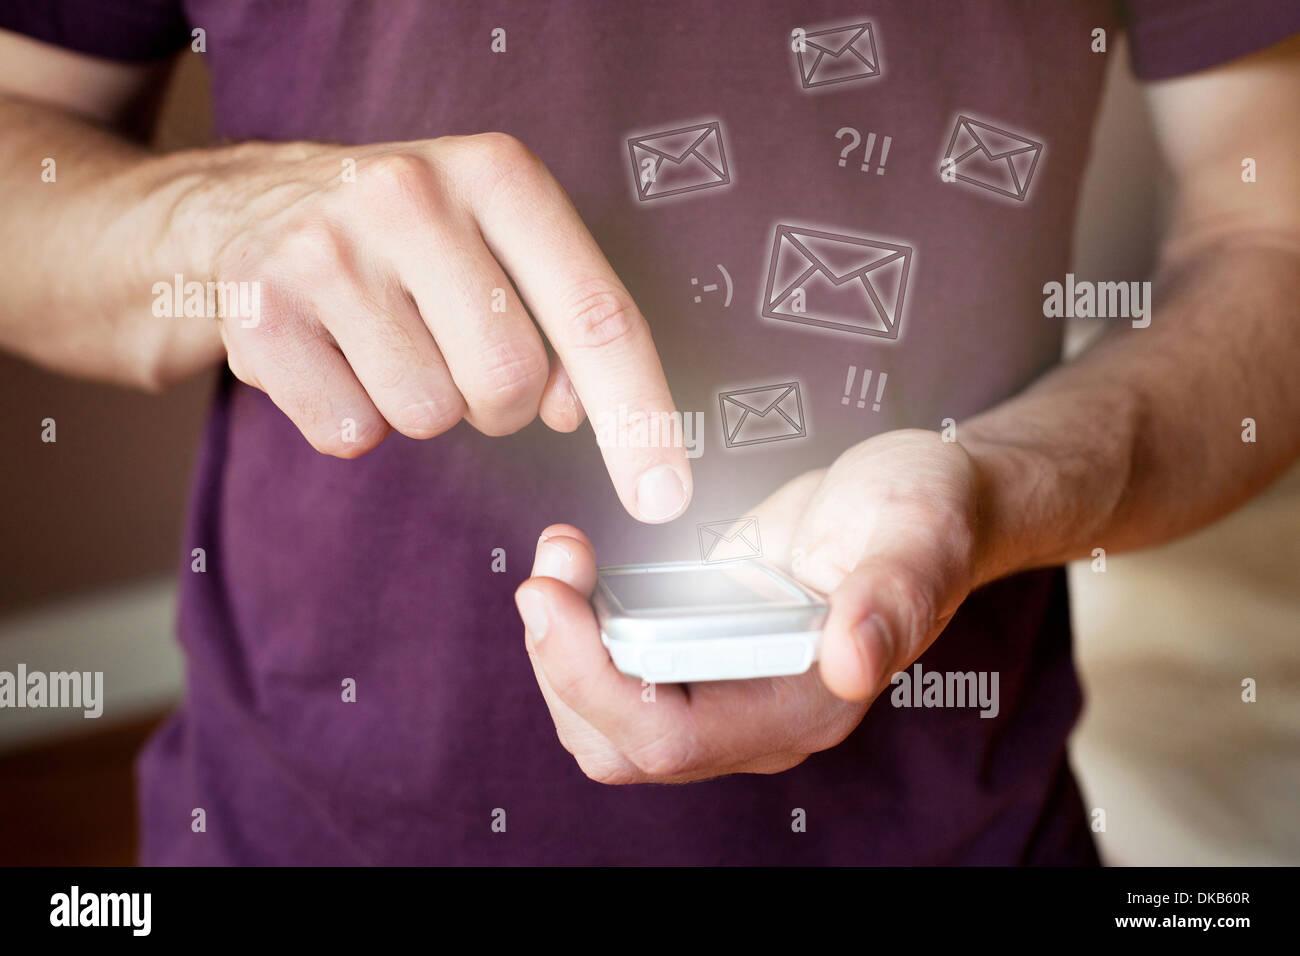 Envío de correo electrónico con el smartphone inalámbrico Imagen De Stock